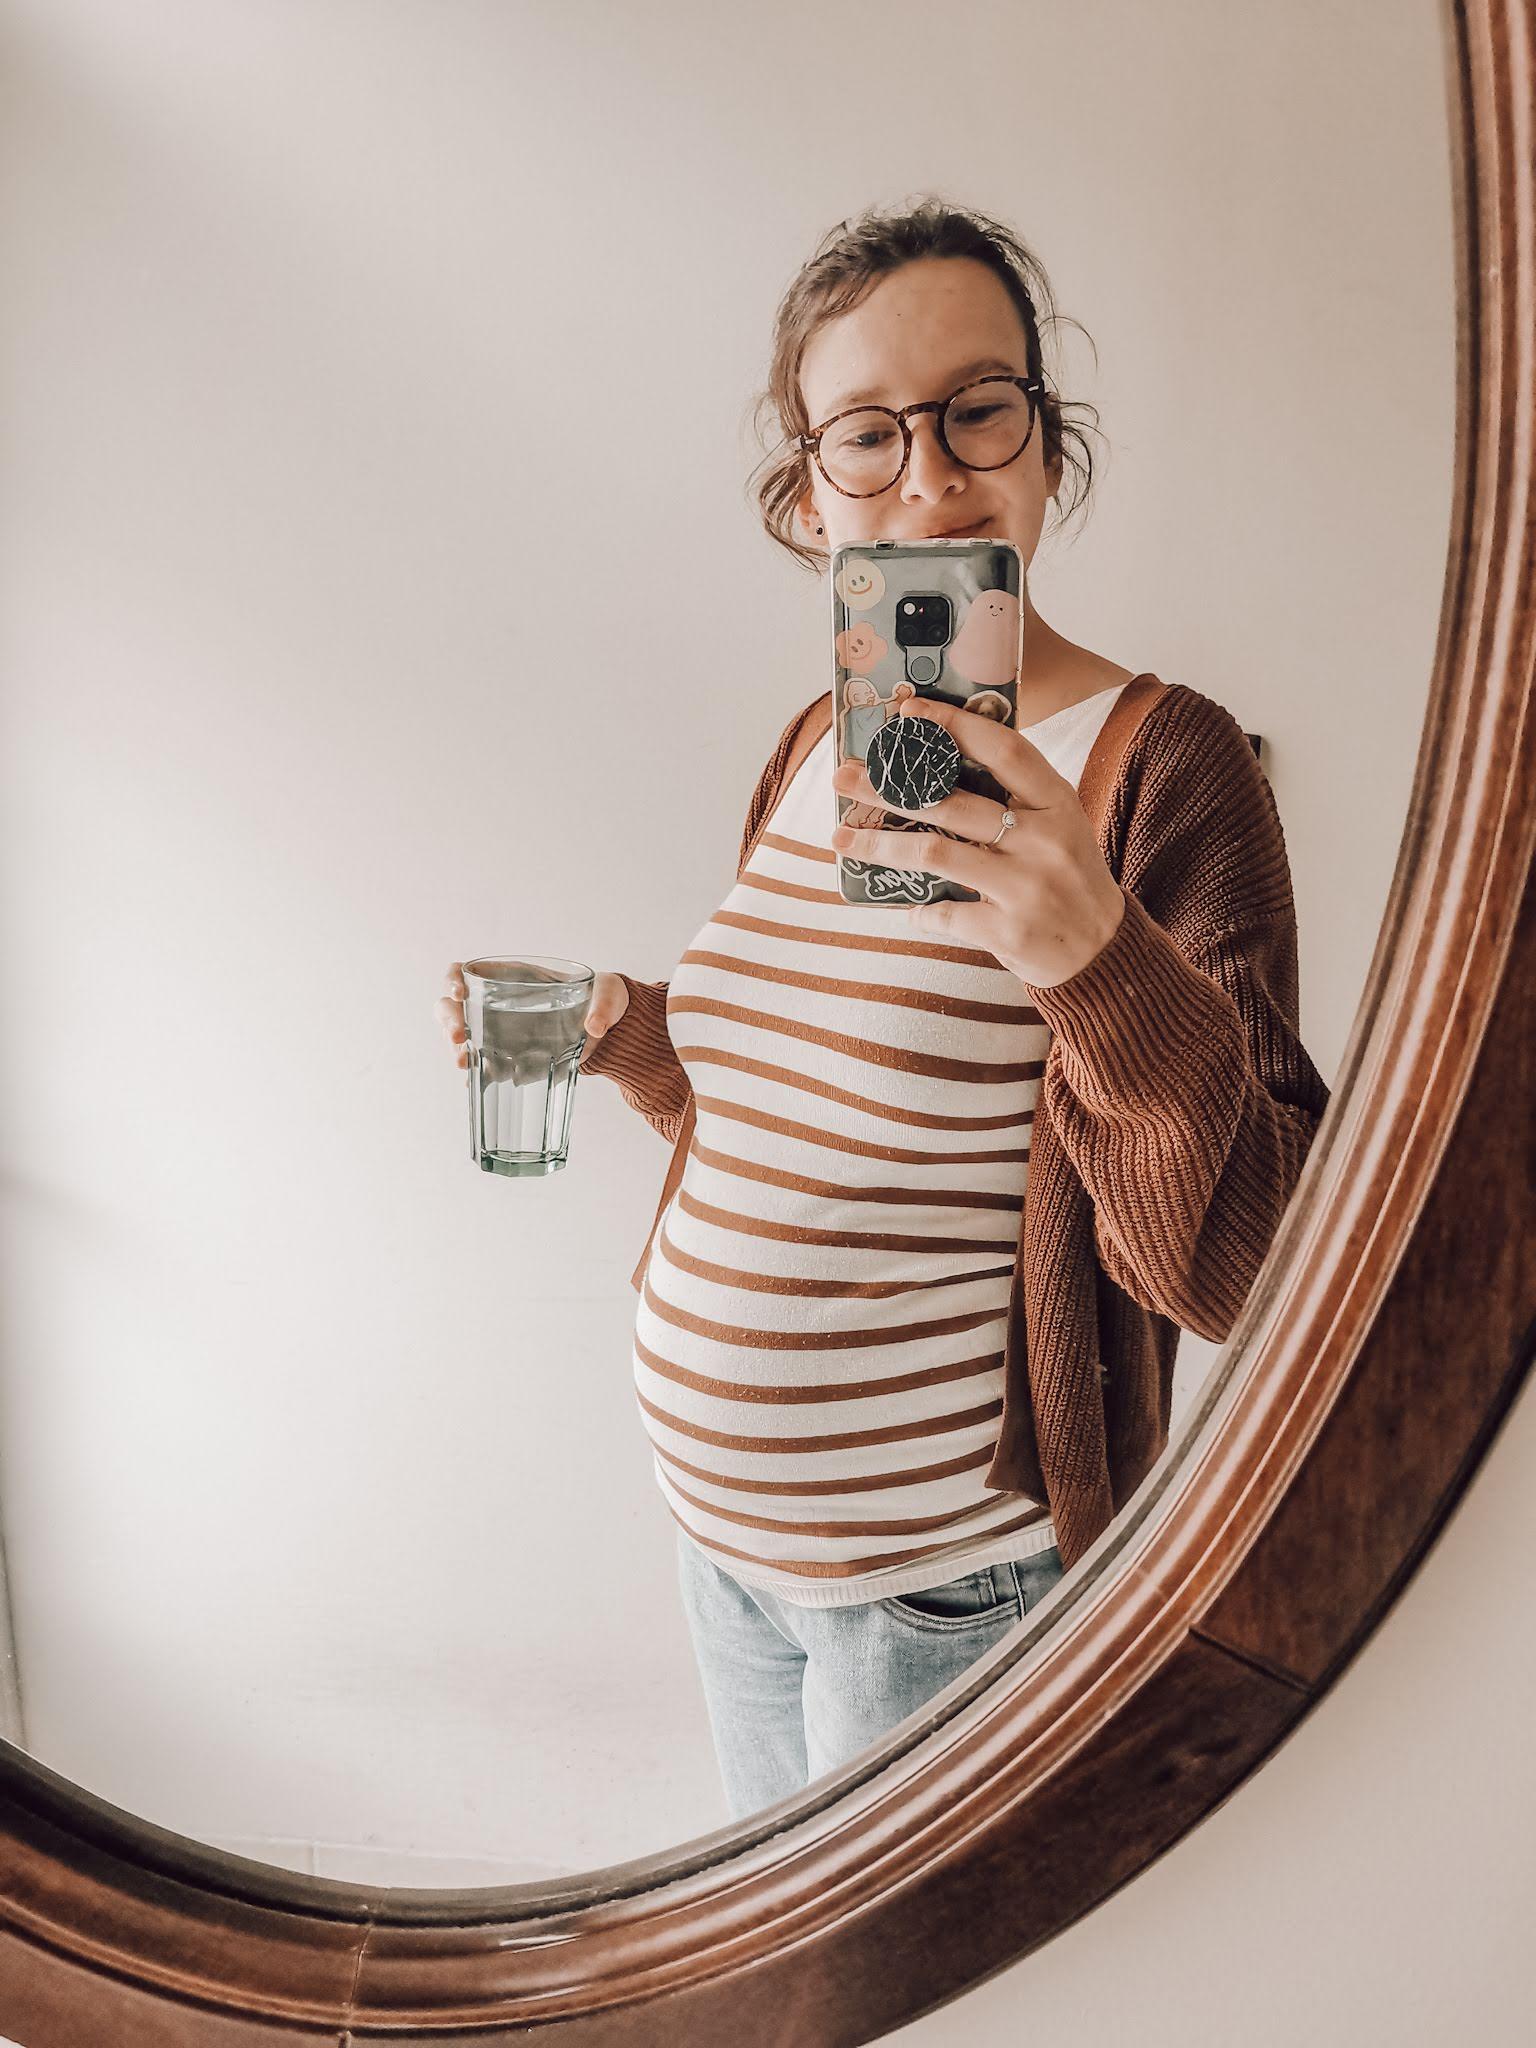 Dingen die mensen tegen zwangere vrouwen zeggen die ik eigenlijk gewoon niet te vaak wil horen